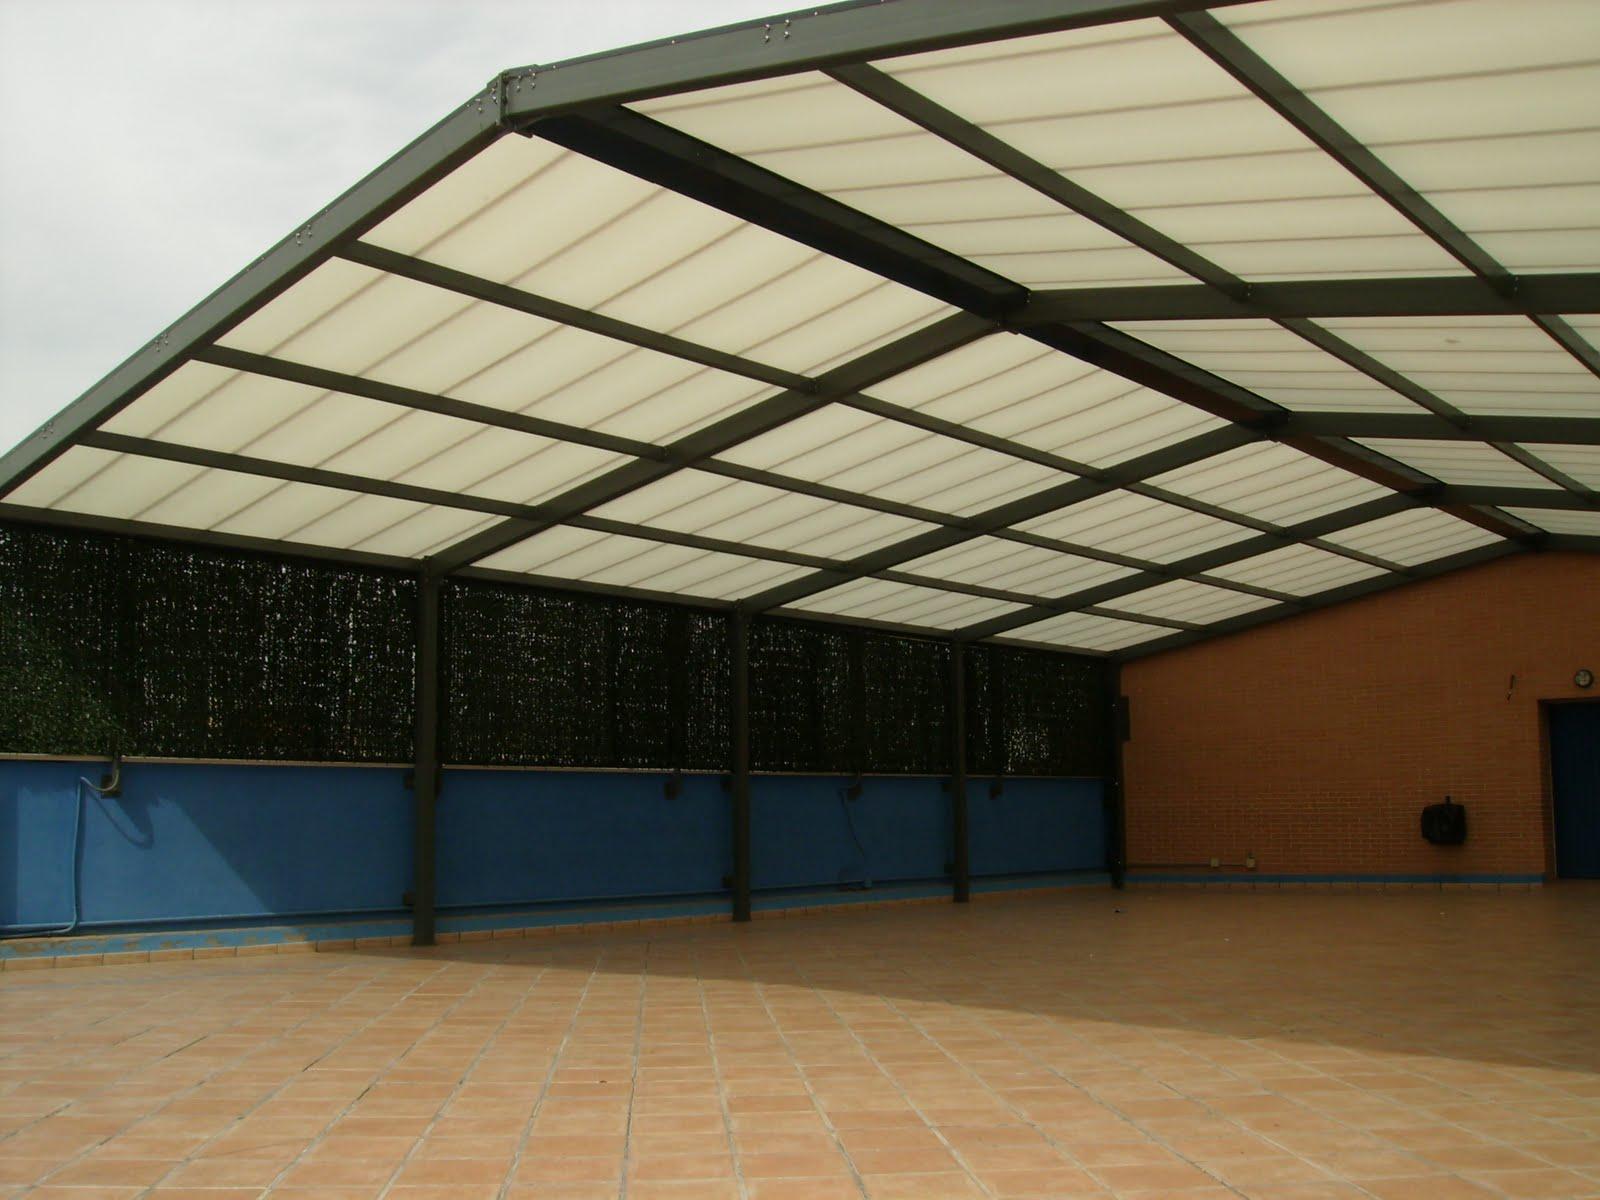 Tipos de cubiertas para tejados stunning las tejas coloniales son una de las ms cotizadas para - Tipos de cubiertas para tejados ...